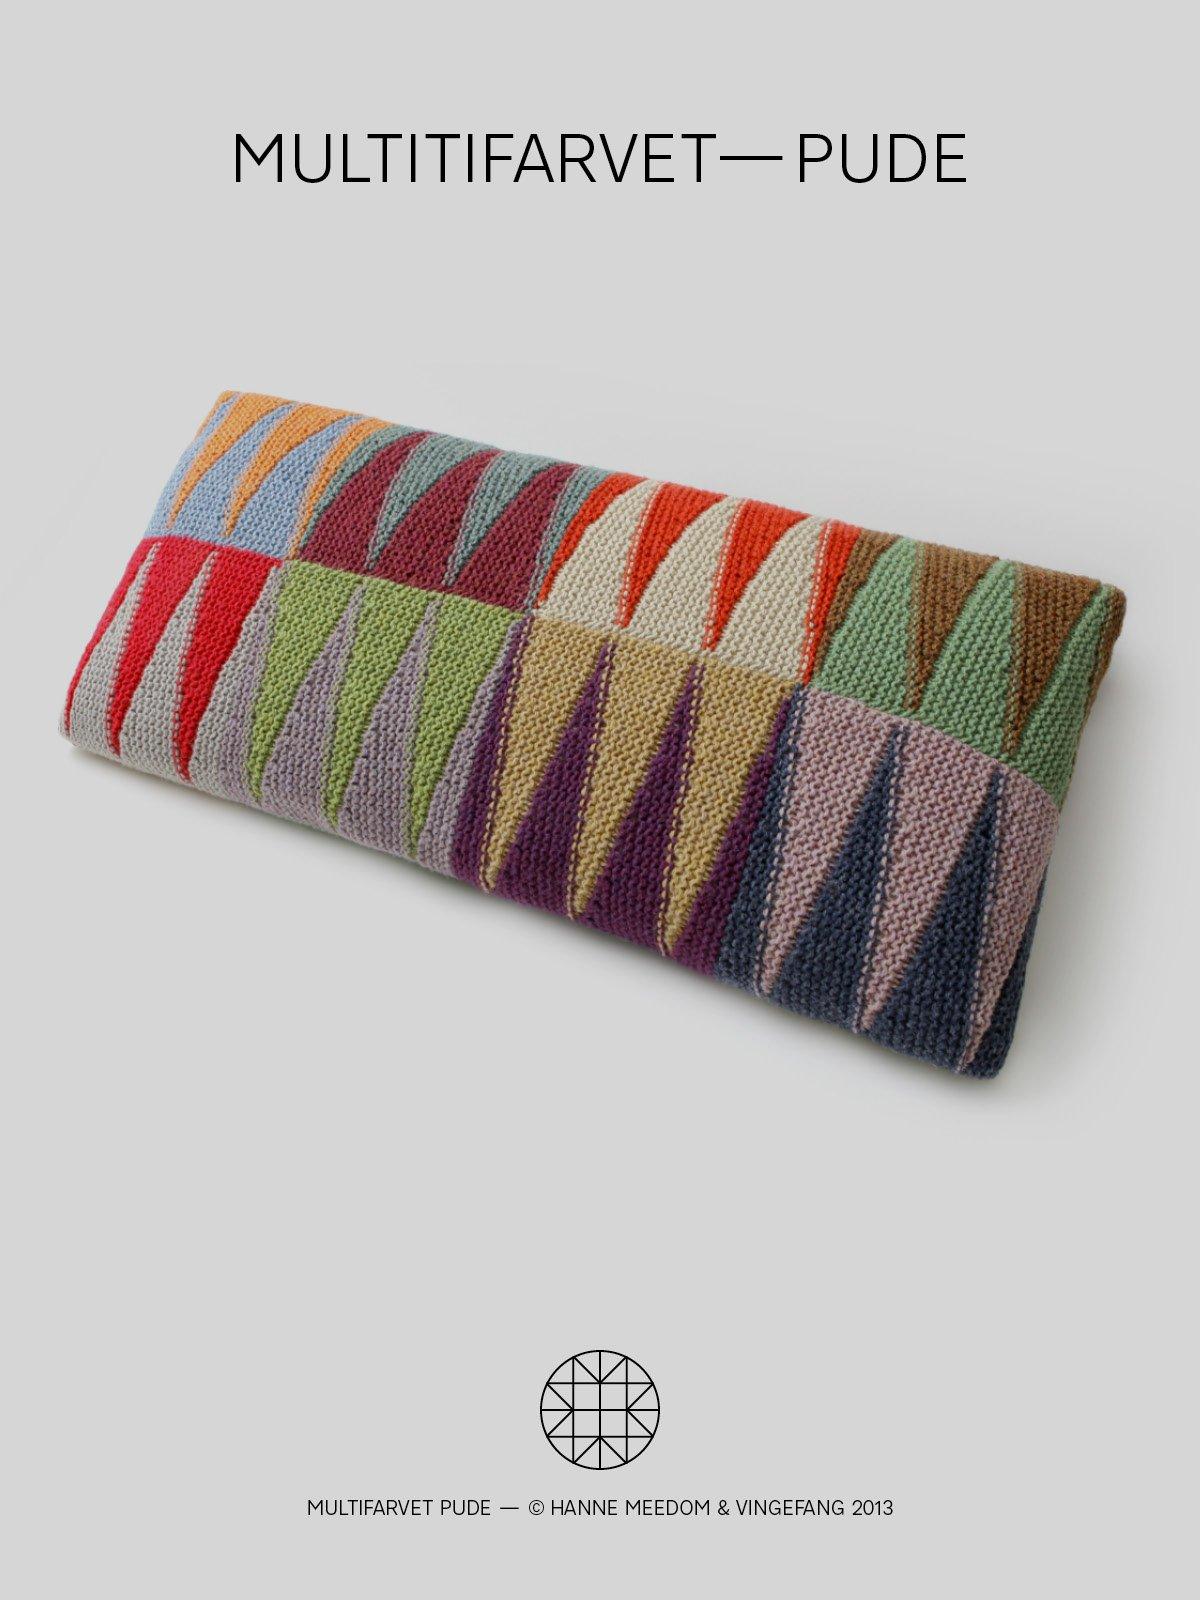 Opskrift / multifarvet—pude